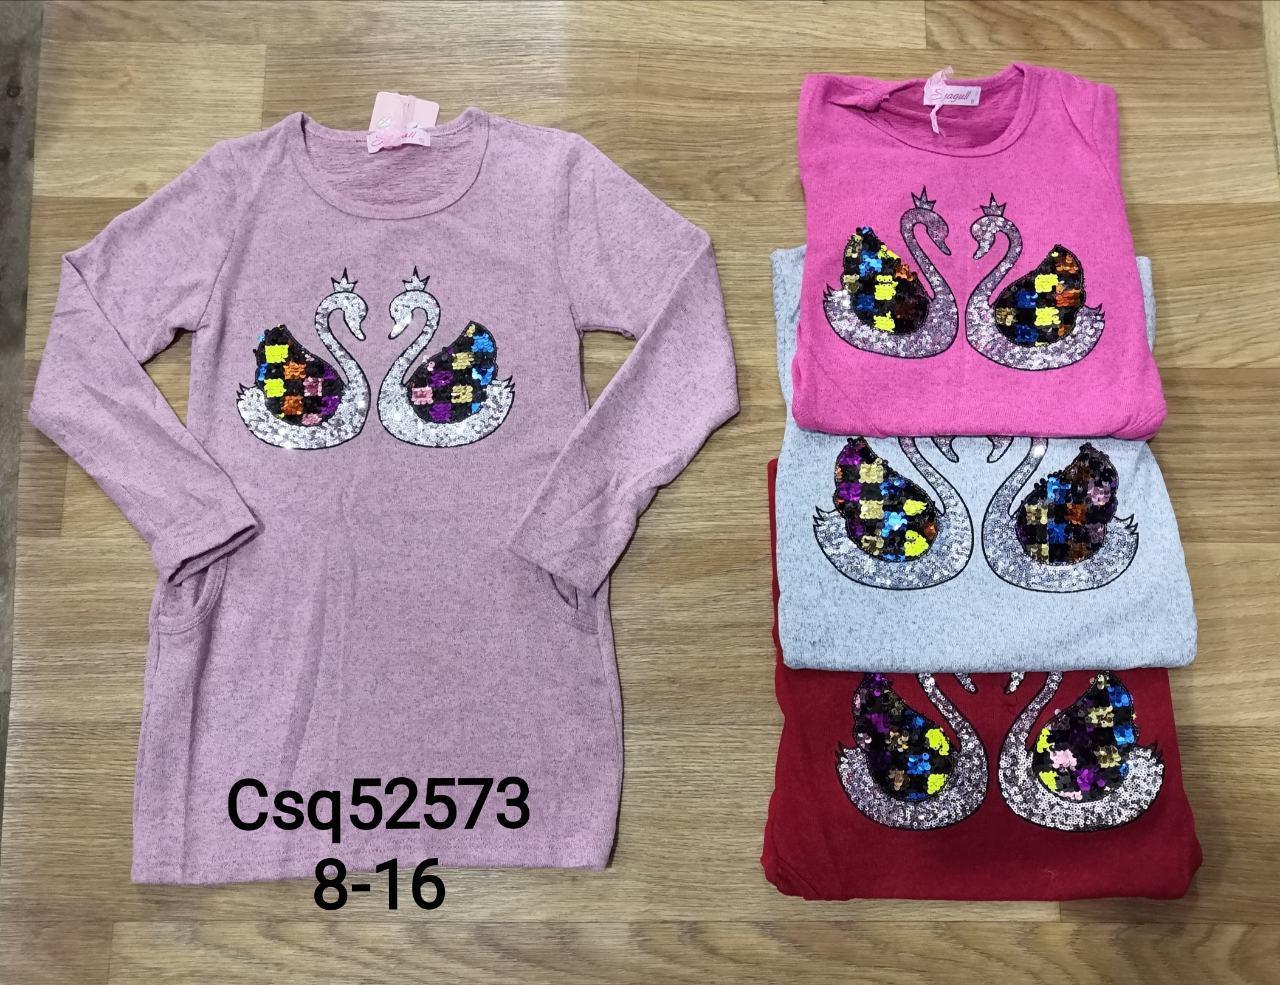 Туники для девочек оптом, Seagull, размеры 8-16 лет, арт. CSQ-52573, фото 1